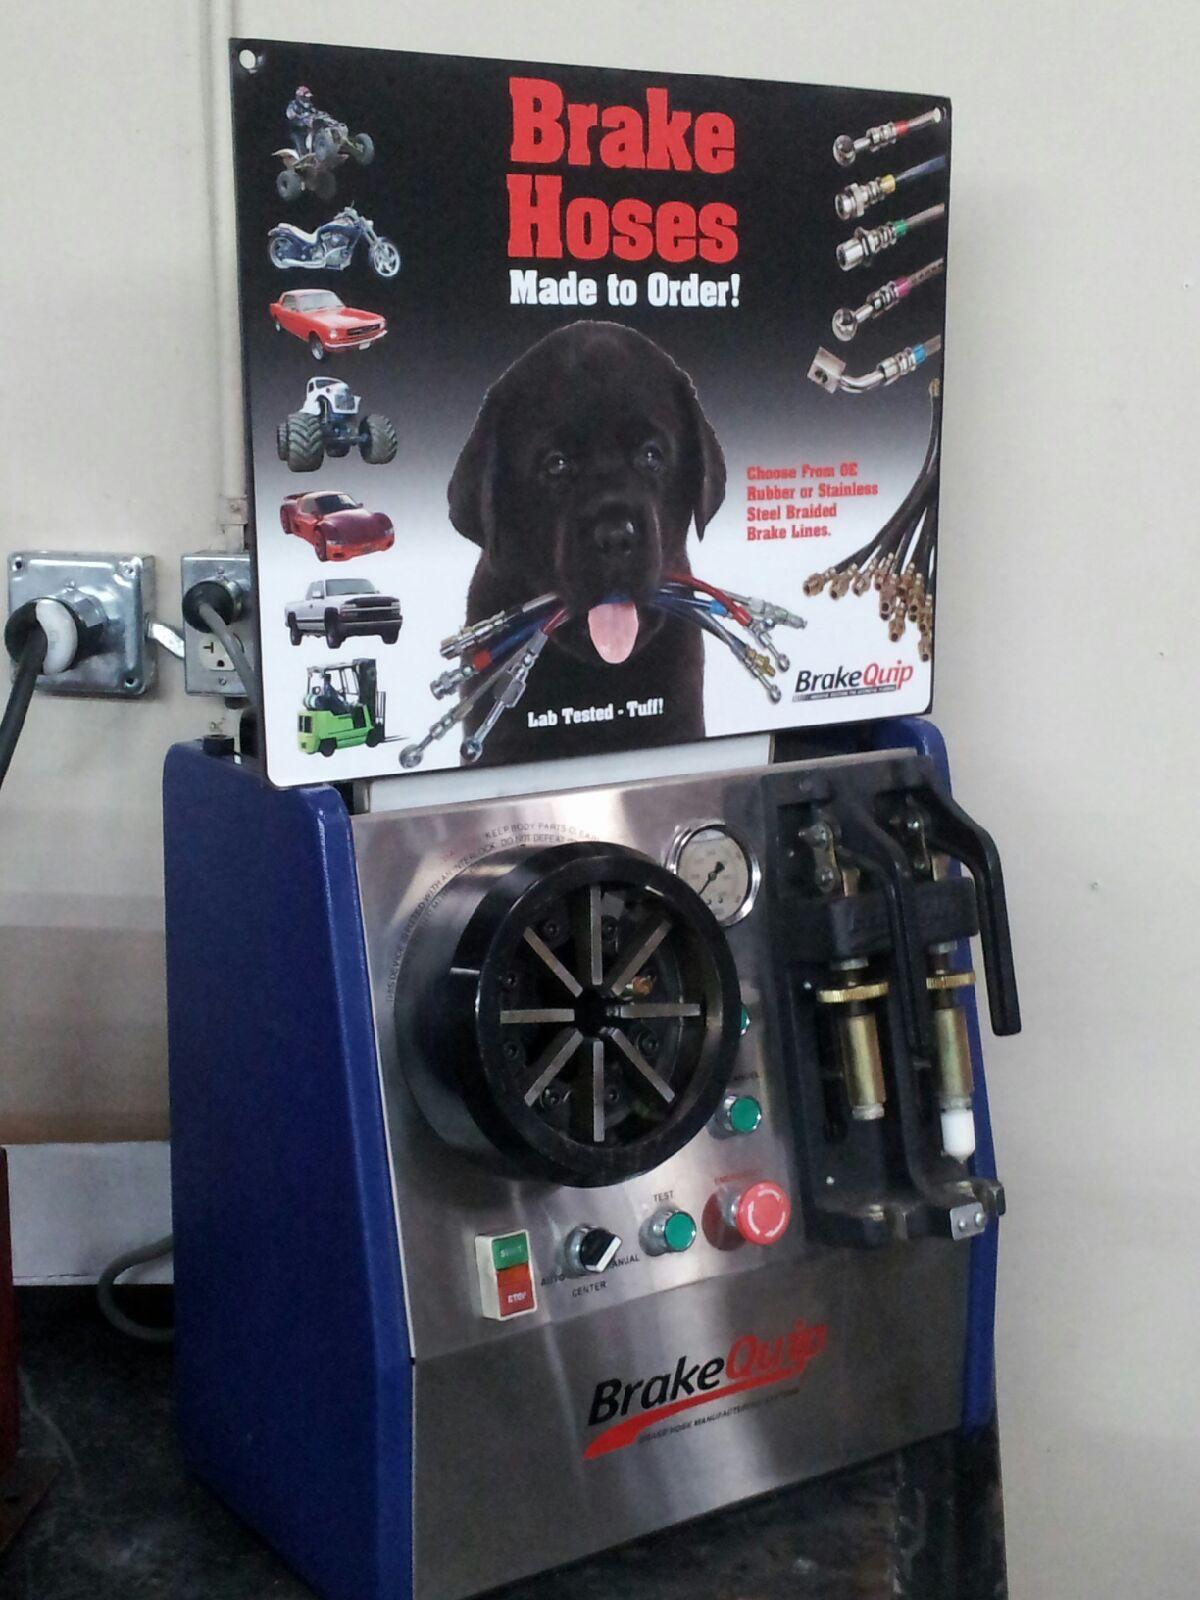 Brake Quip hose replacement